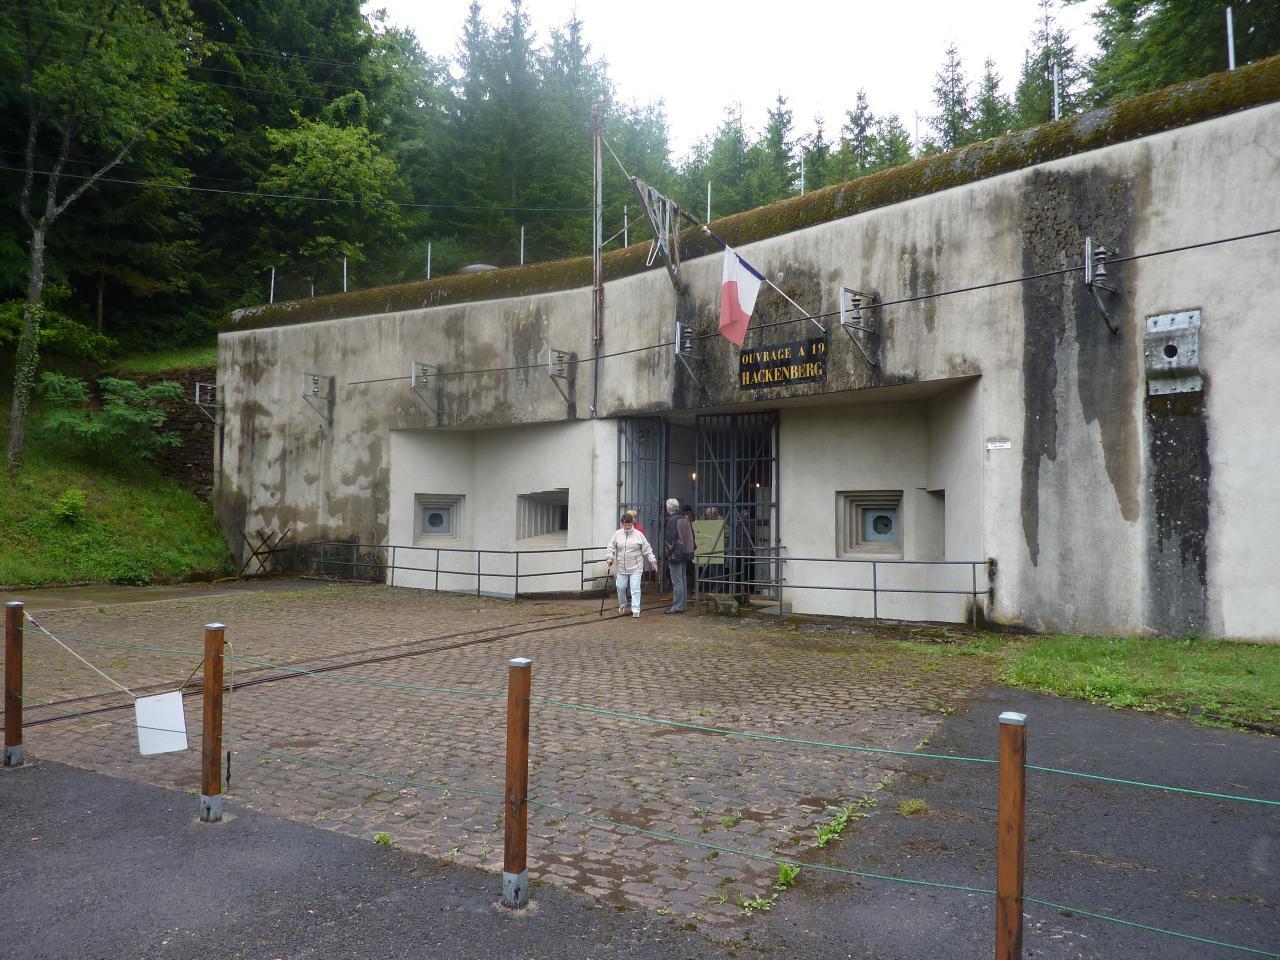 2014 Le Fort du Hackenberg (6)